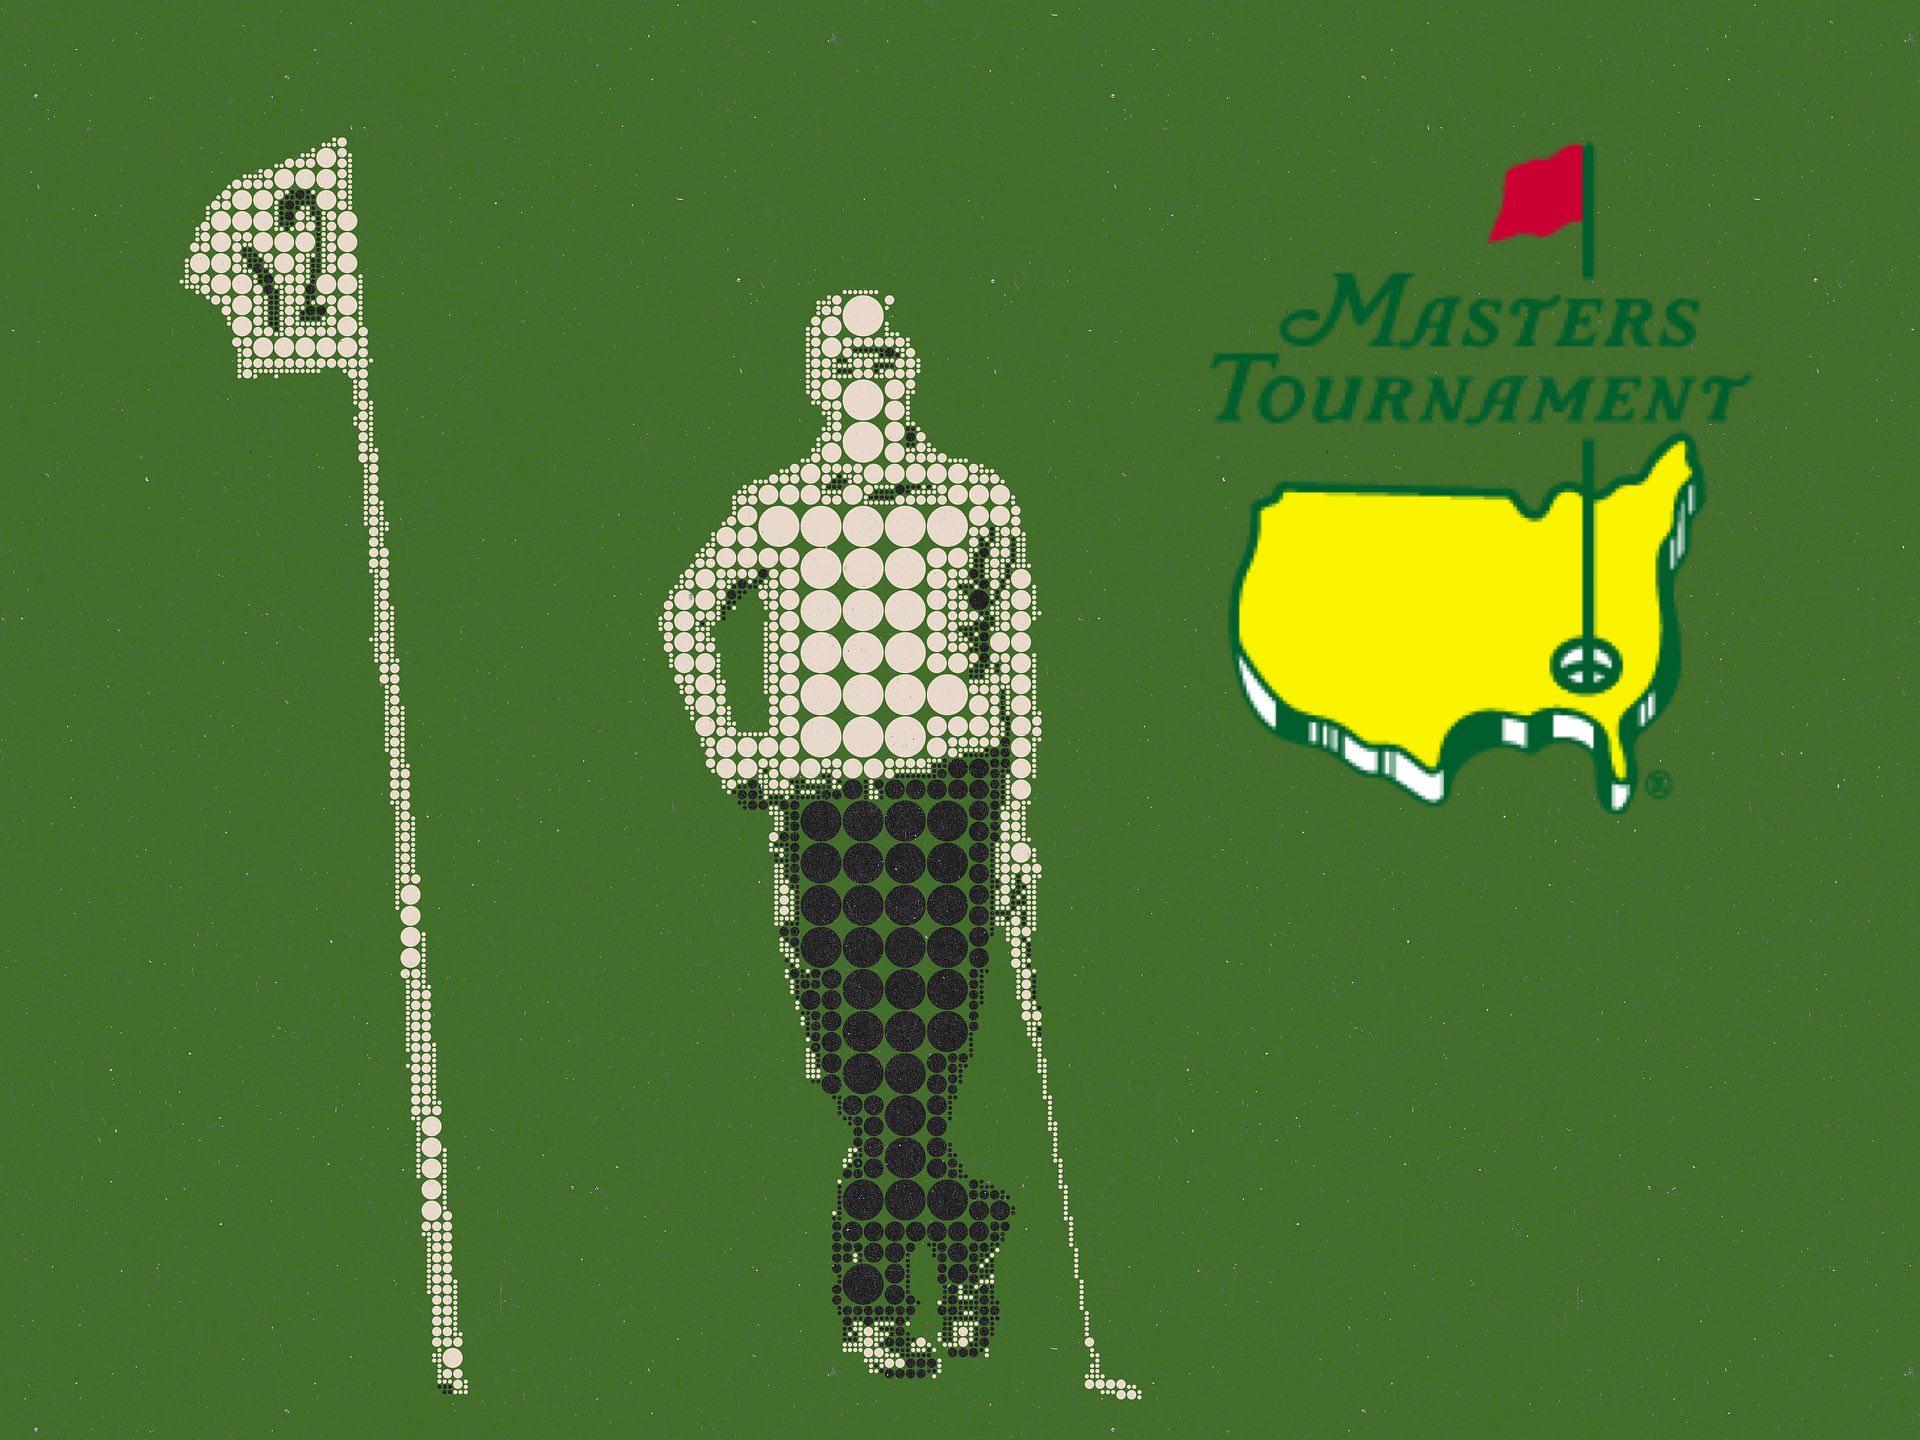 マスターズゴルフ2021の賞金配分一覧 日本人出場選手は?